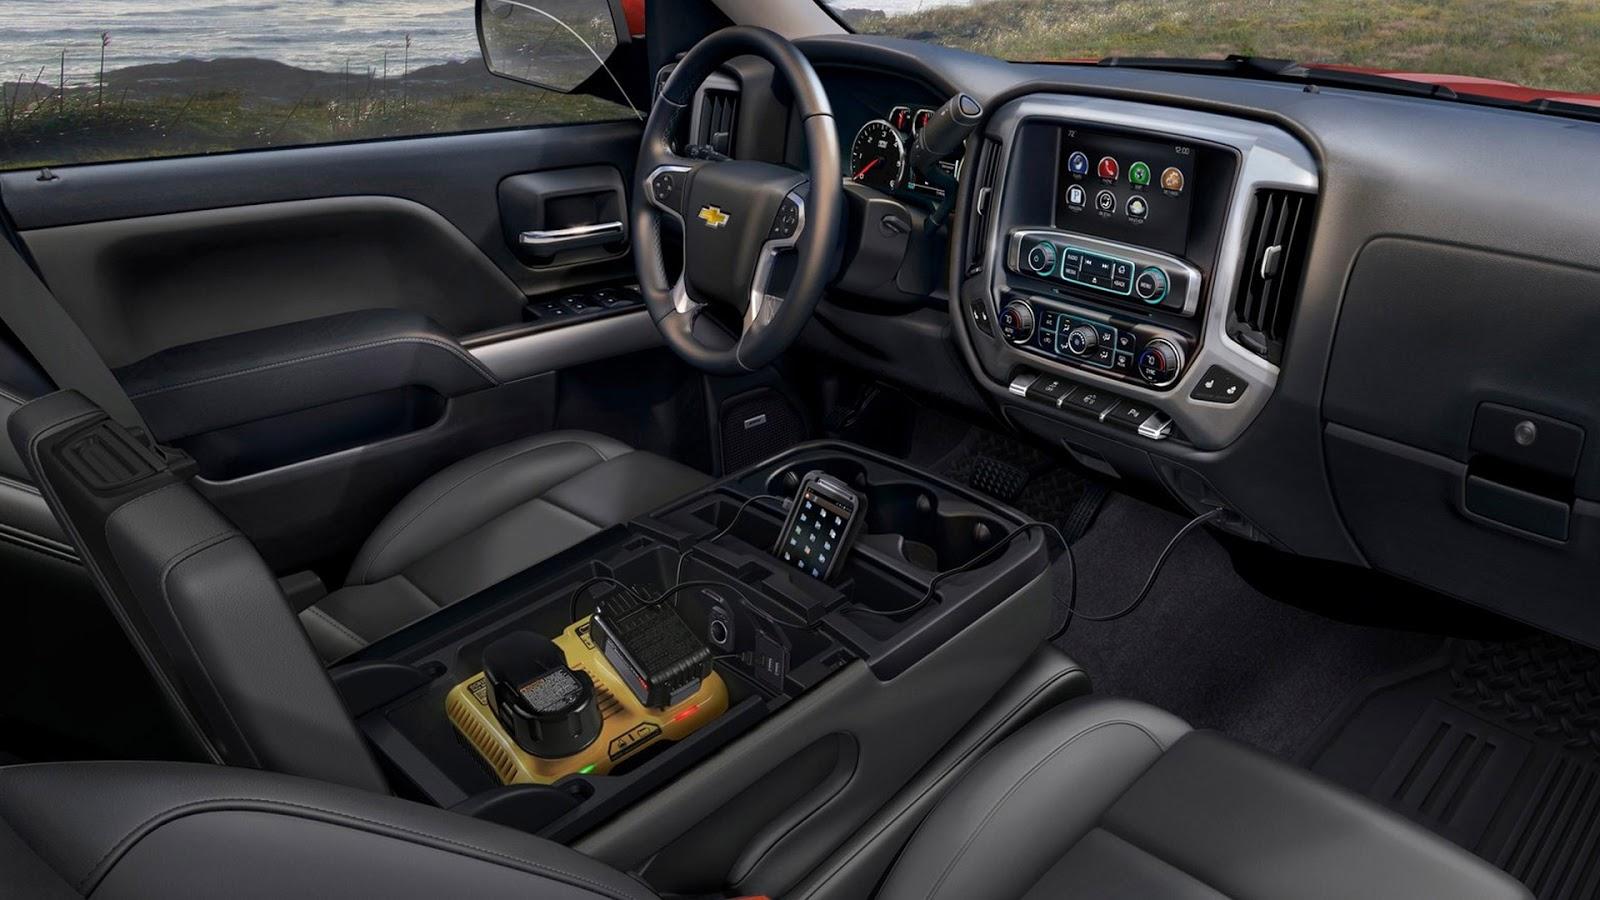 2014 Chevrolet Silverado Review Cars Review